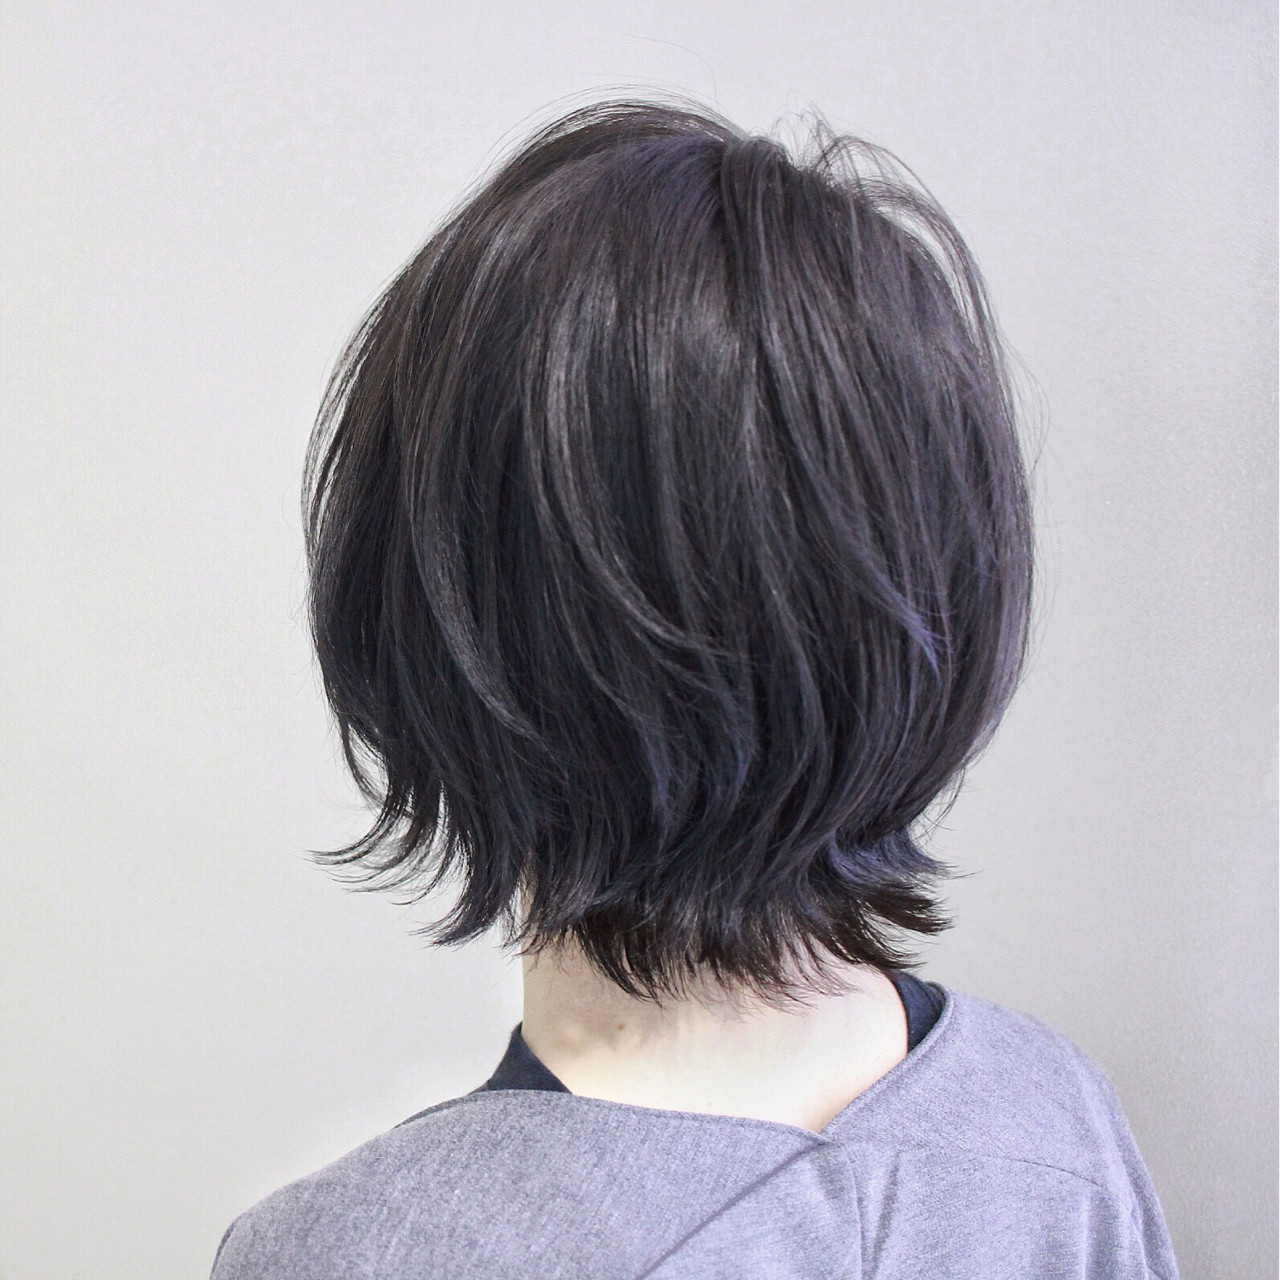 ショート ショートボブ イルミナカラー ブルージュ ヘアスタイルや髪型の写真・画像